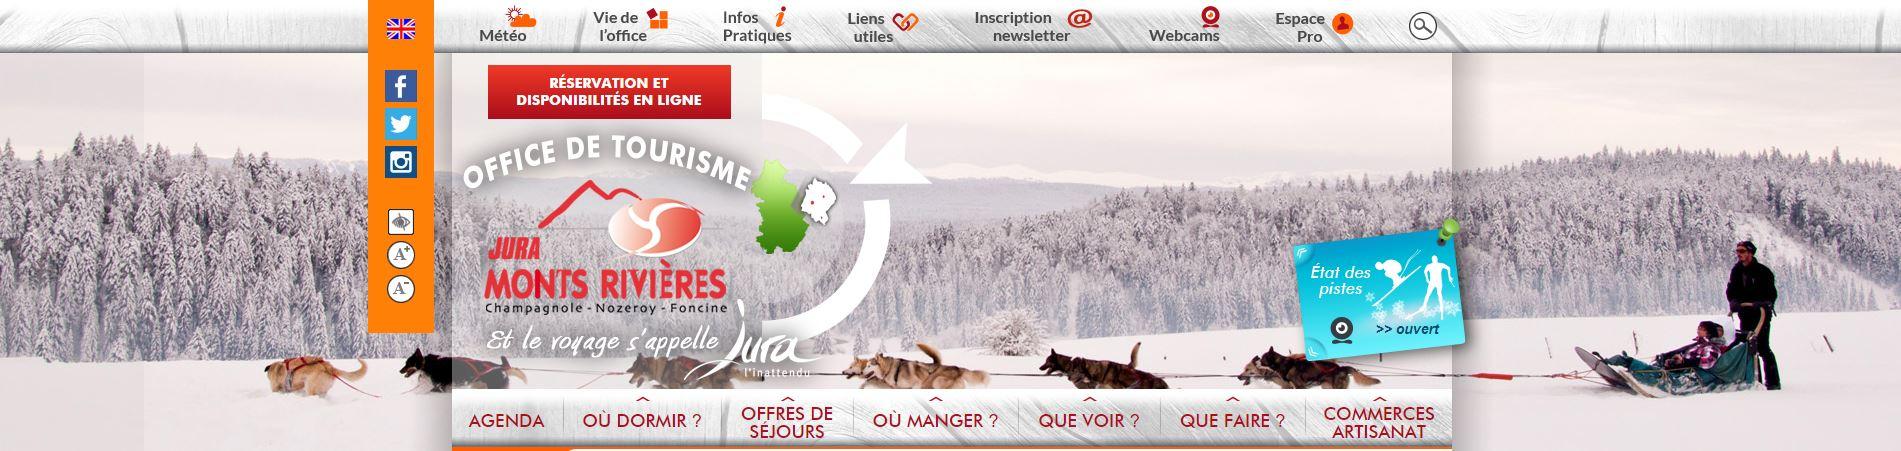 Jura Monts Rivières